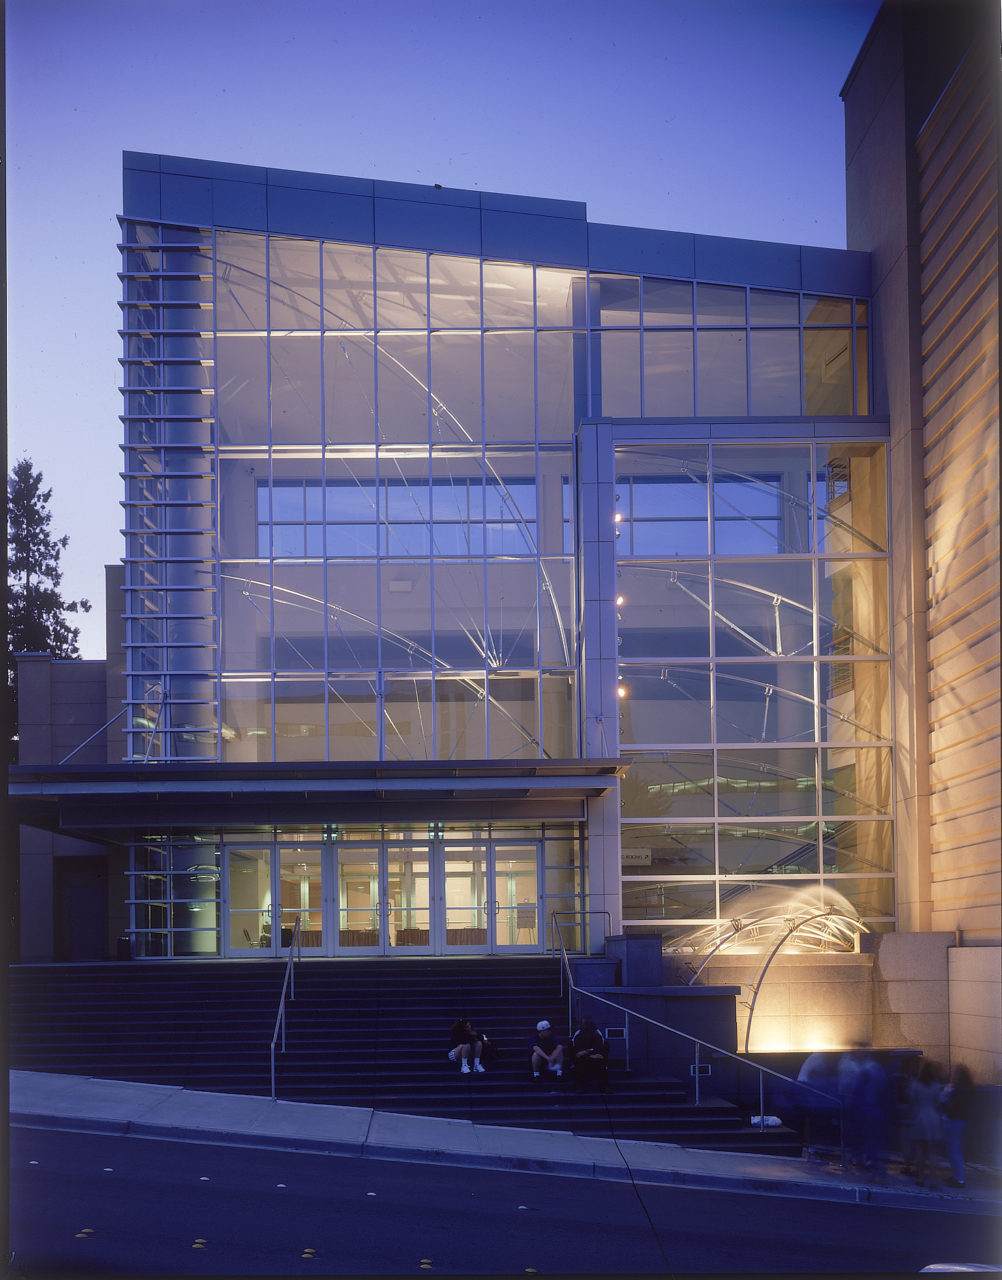 Meydenbauer Center, Bellevue, Washington / image 2